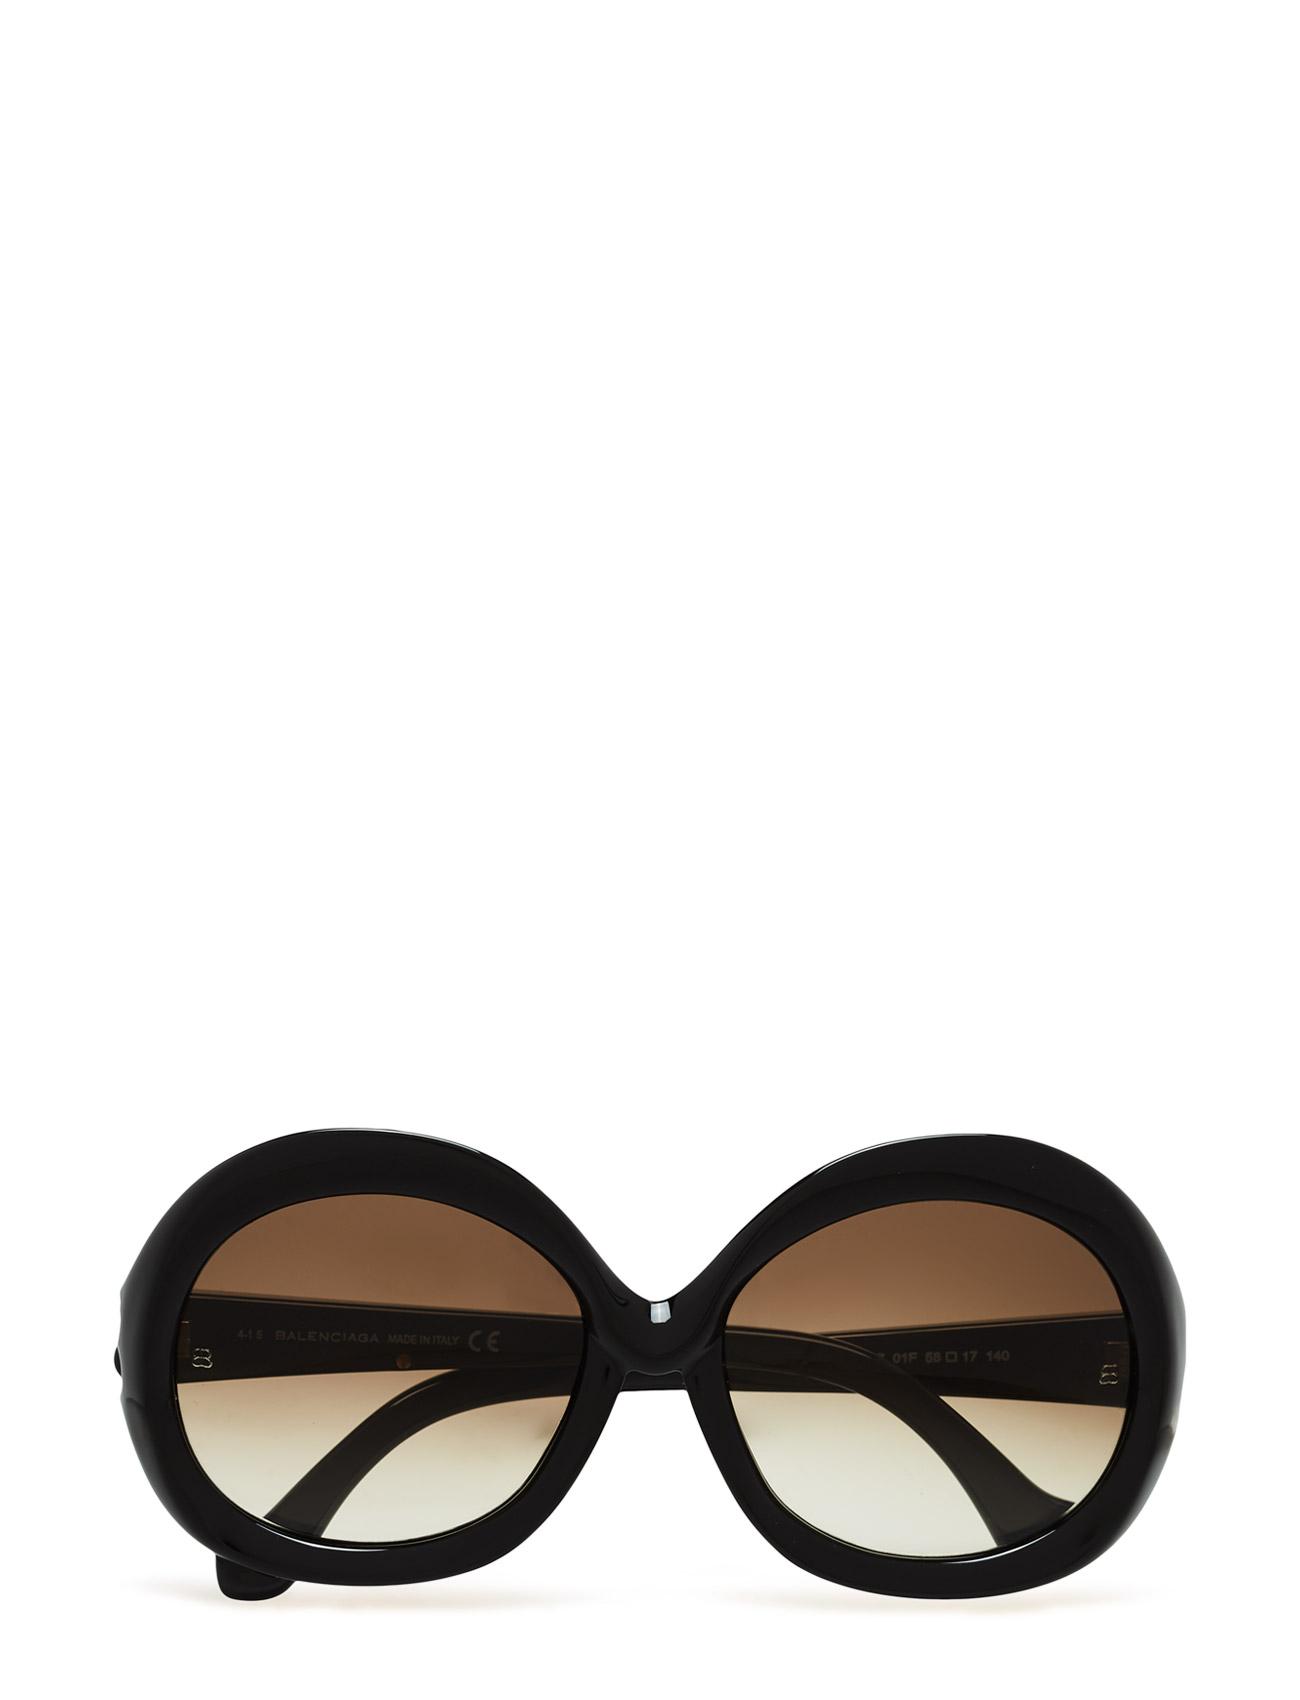 balenciaga sunglasses – Ba0007 på boozt.com dk